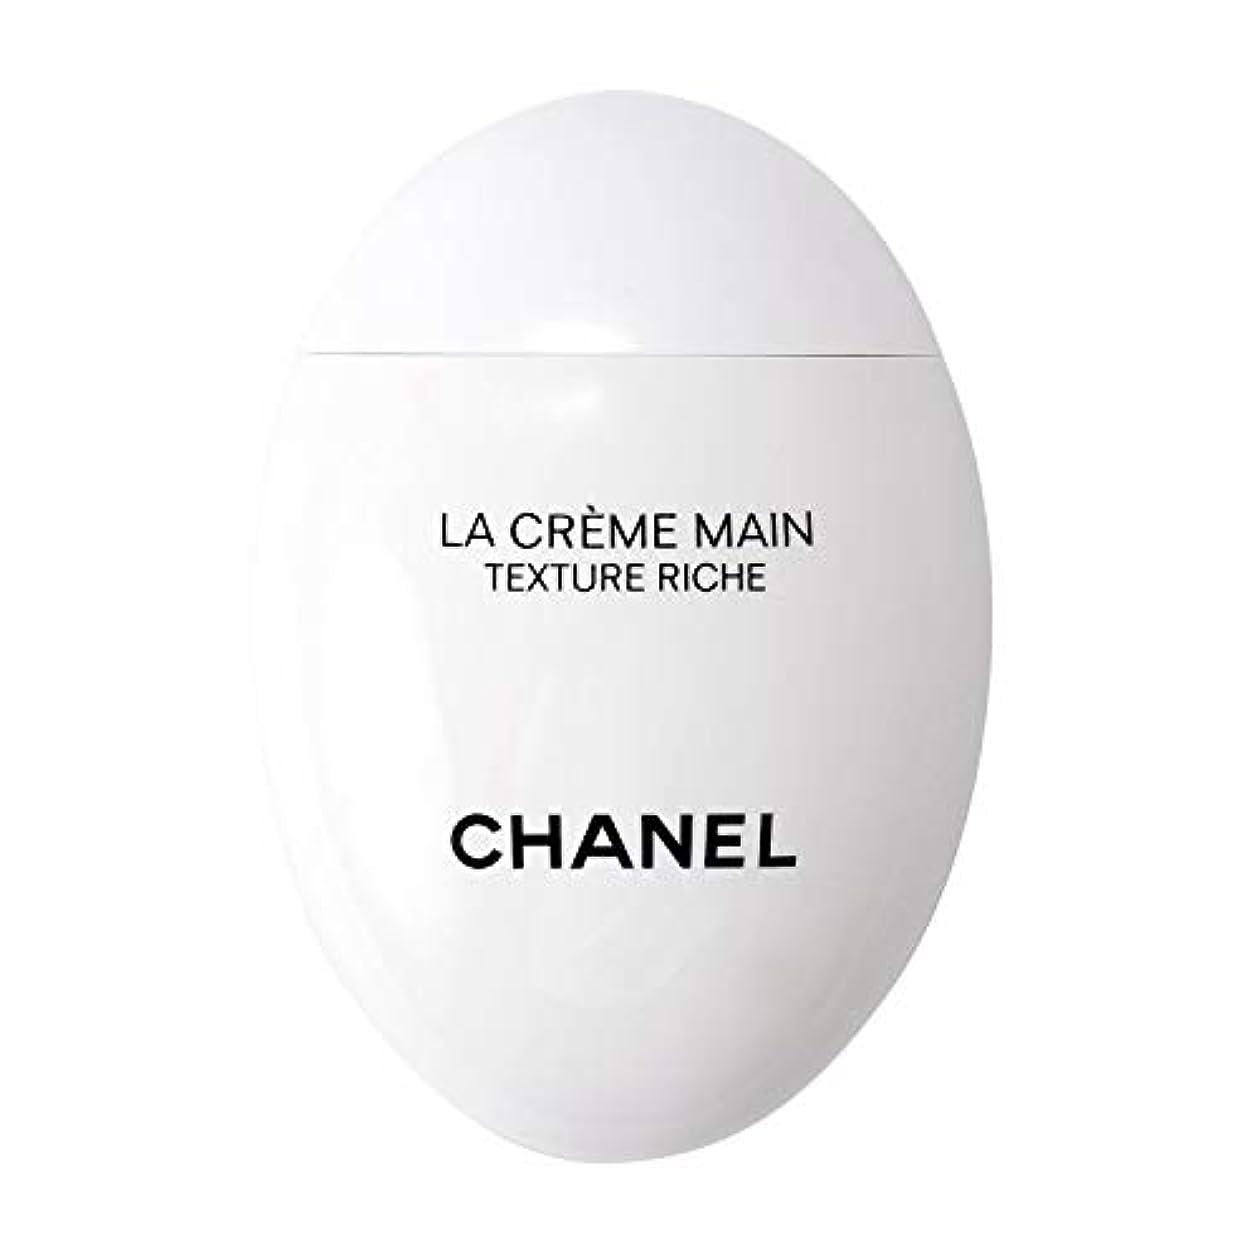 正確浸食ぬるい[ギフトラッピング] シャネル CHANEL ハンドクリーム 50ml ラ クレーム マン ショップバッグ付き (50ml)